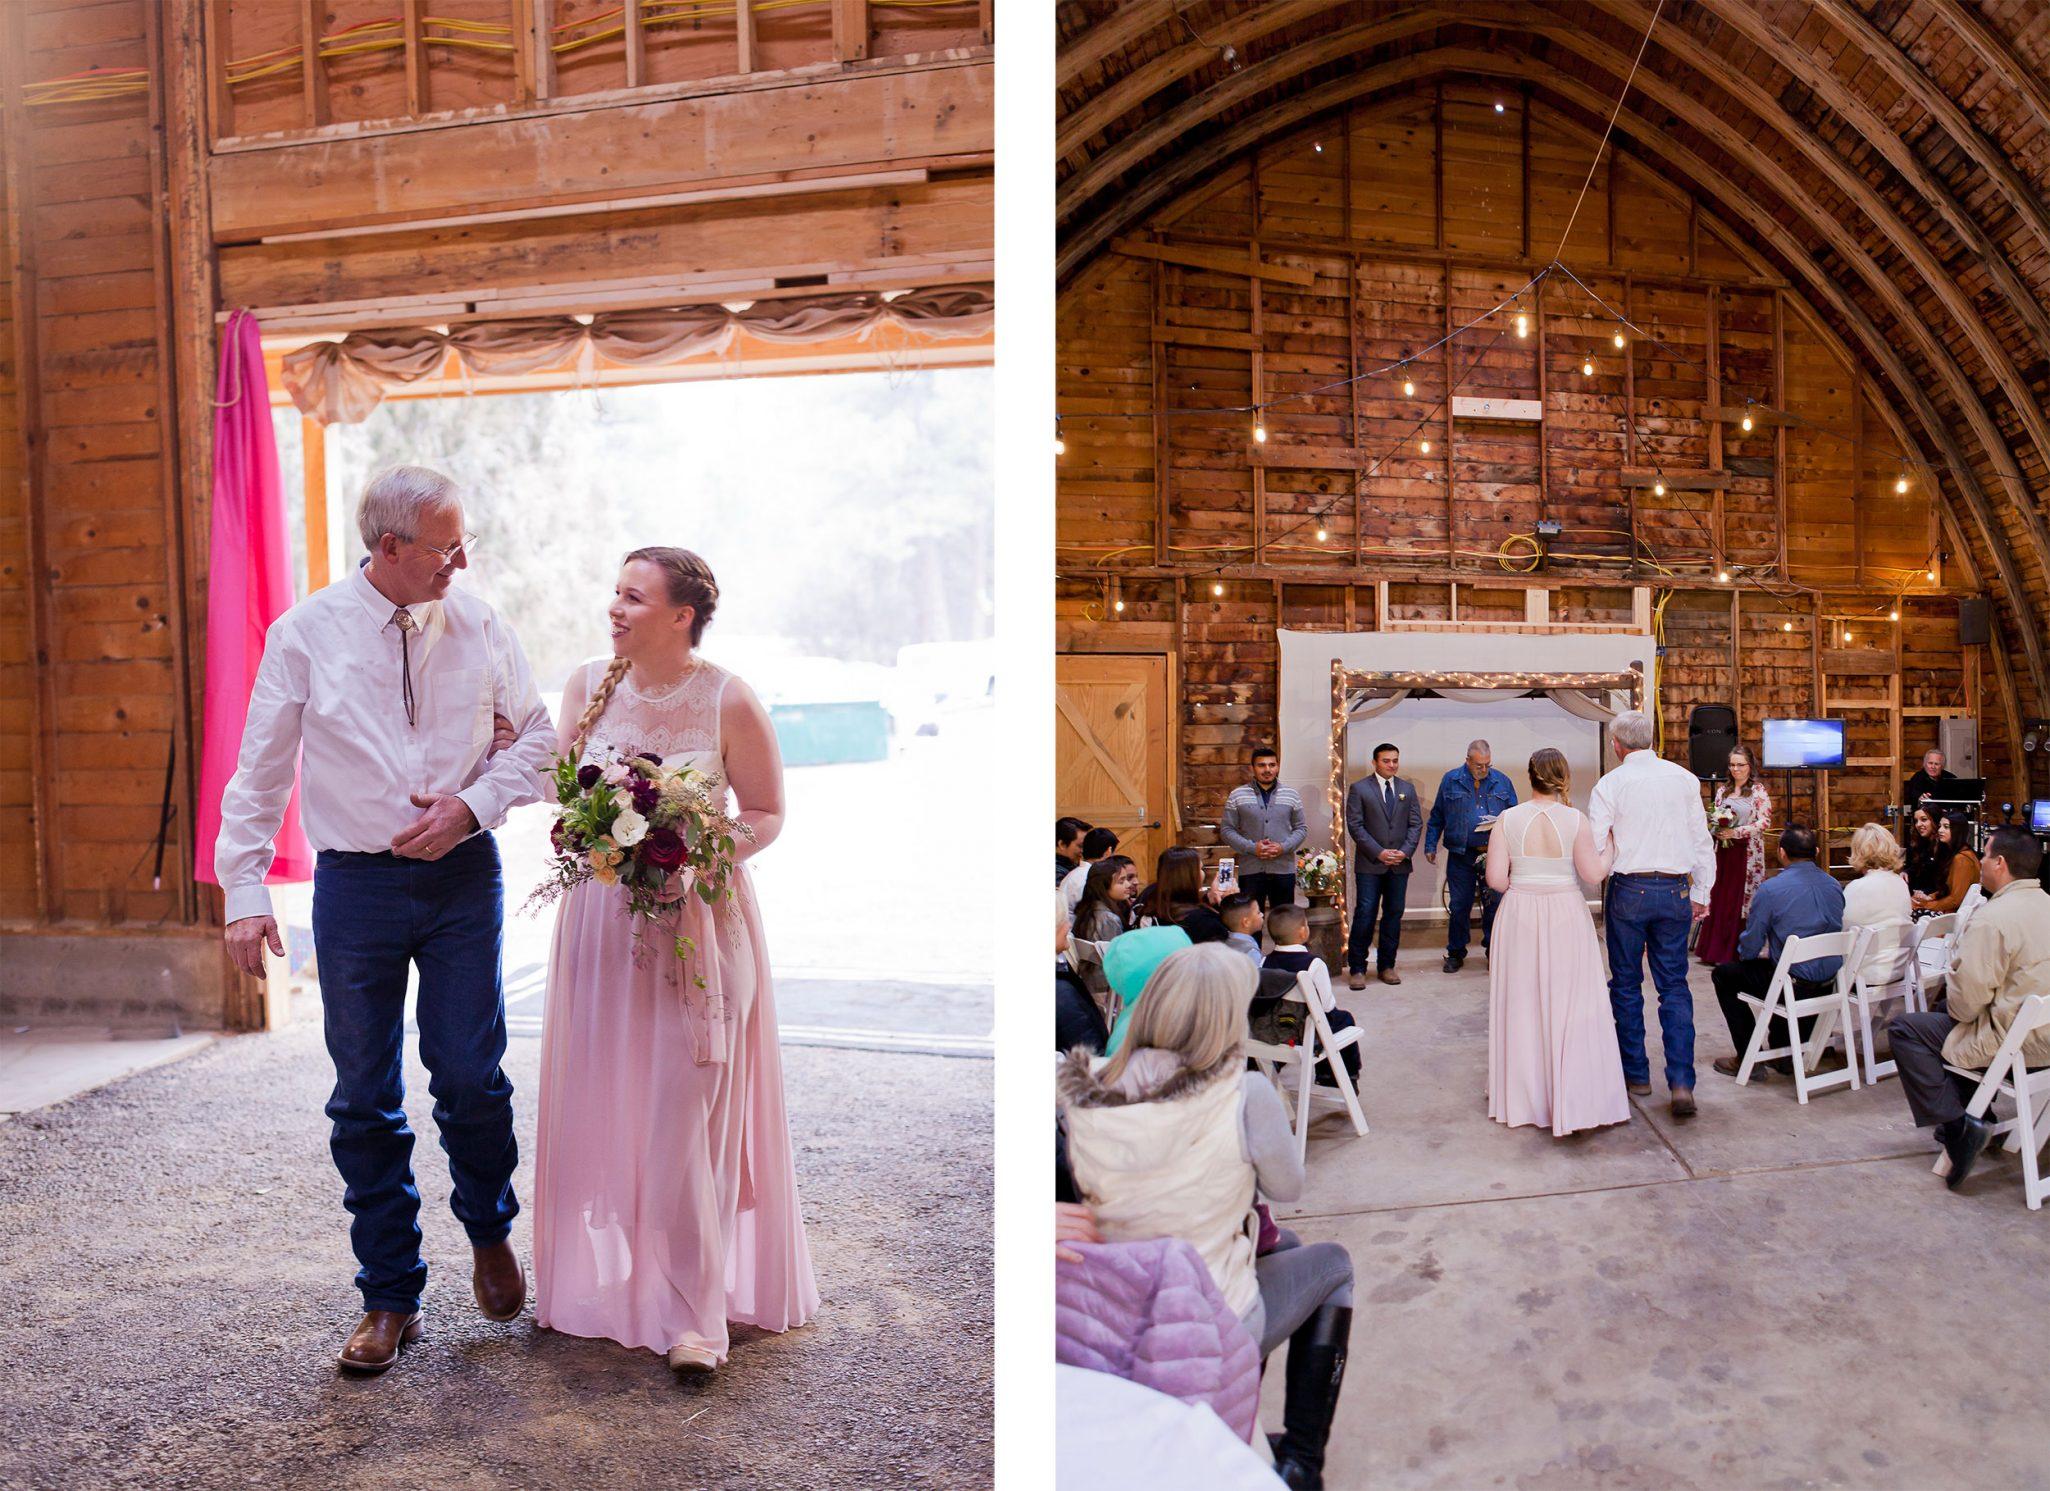 A Simple Rustic Barn Wedding at Reising Stage, Durango, Colorado